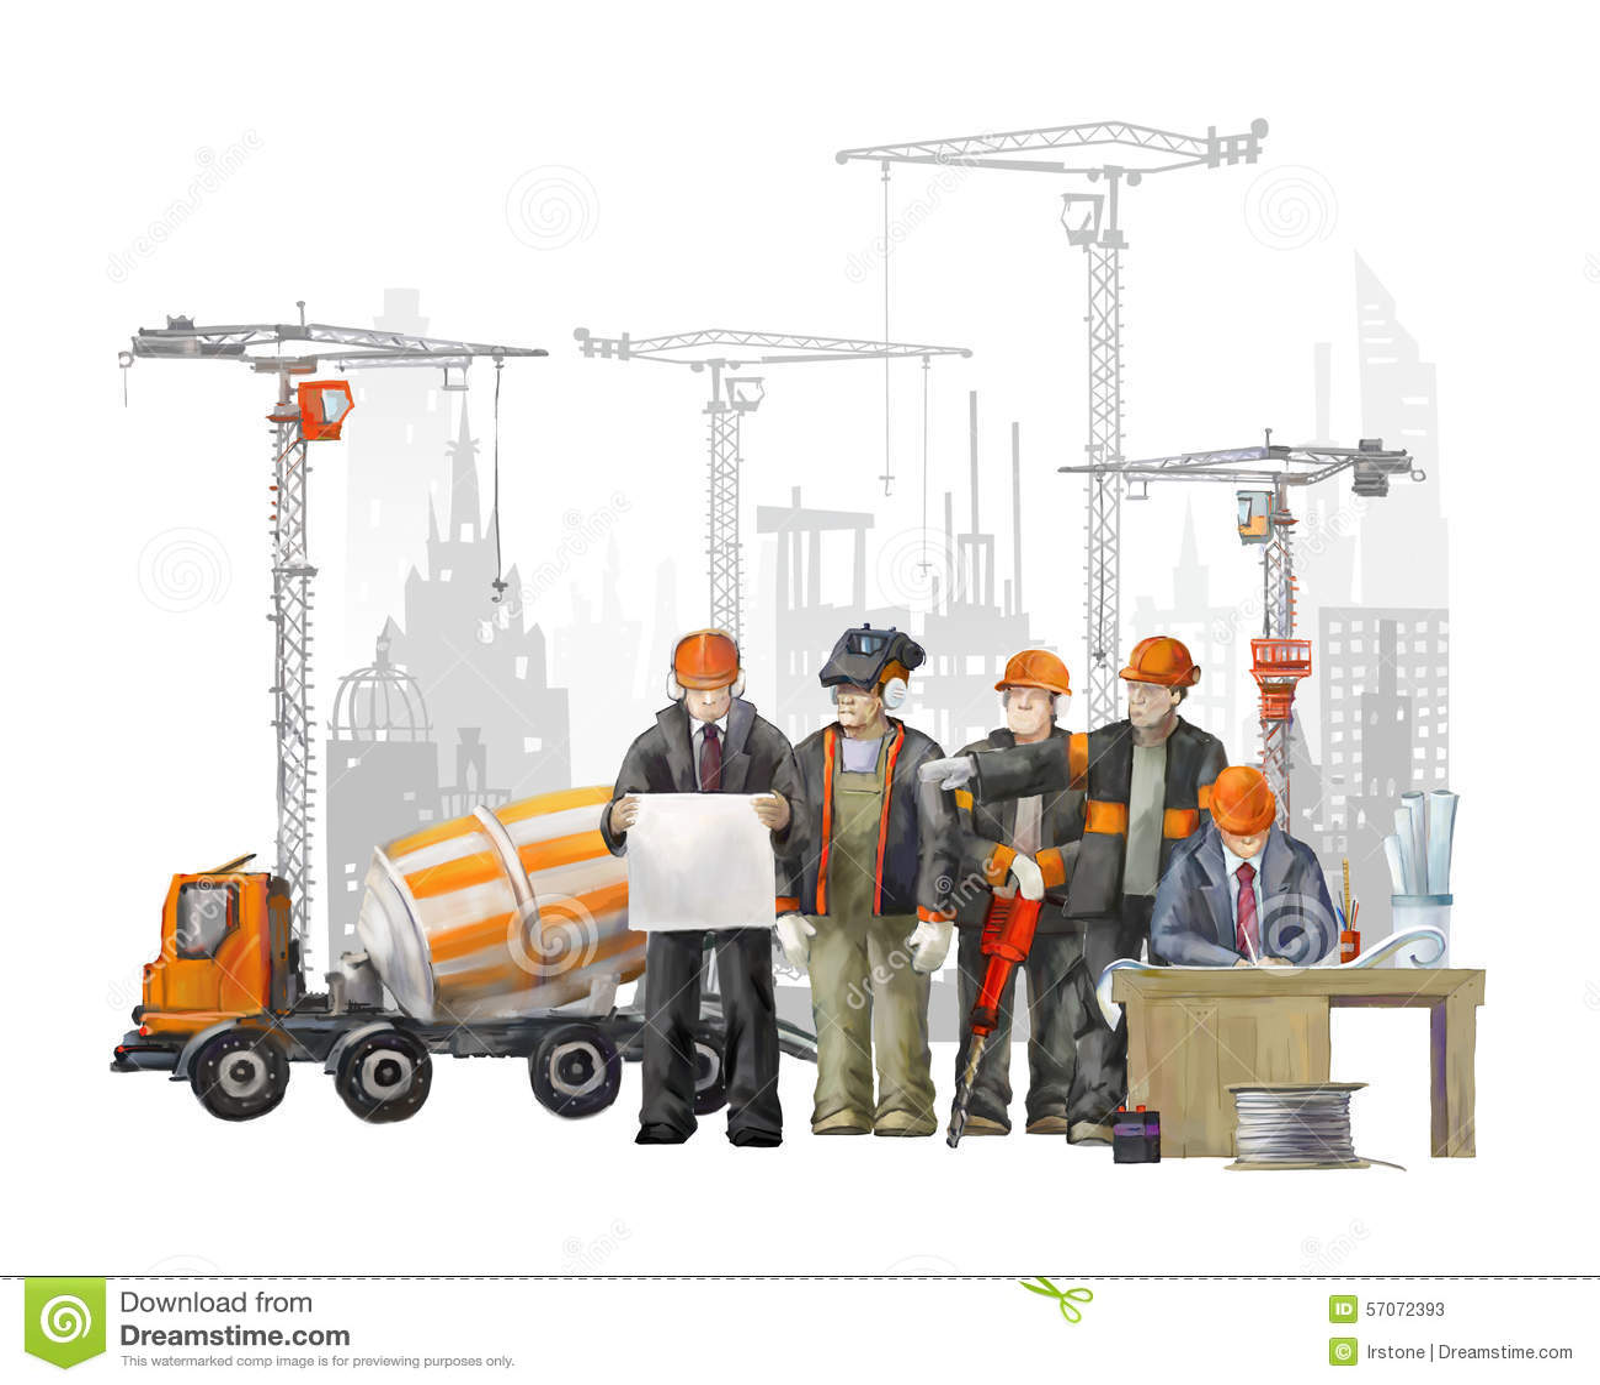 Bouwers op het bouwterrein Industriële illustratie met arbeiders, kranen en concrete mixermachine